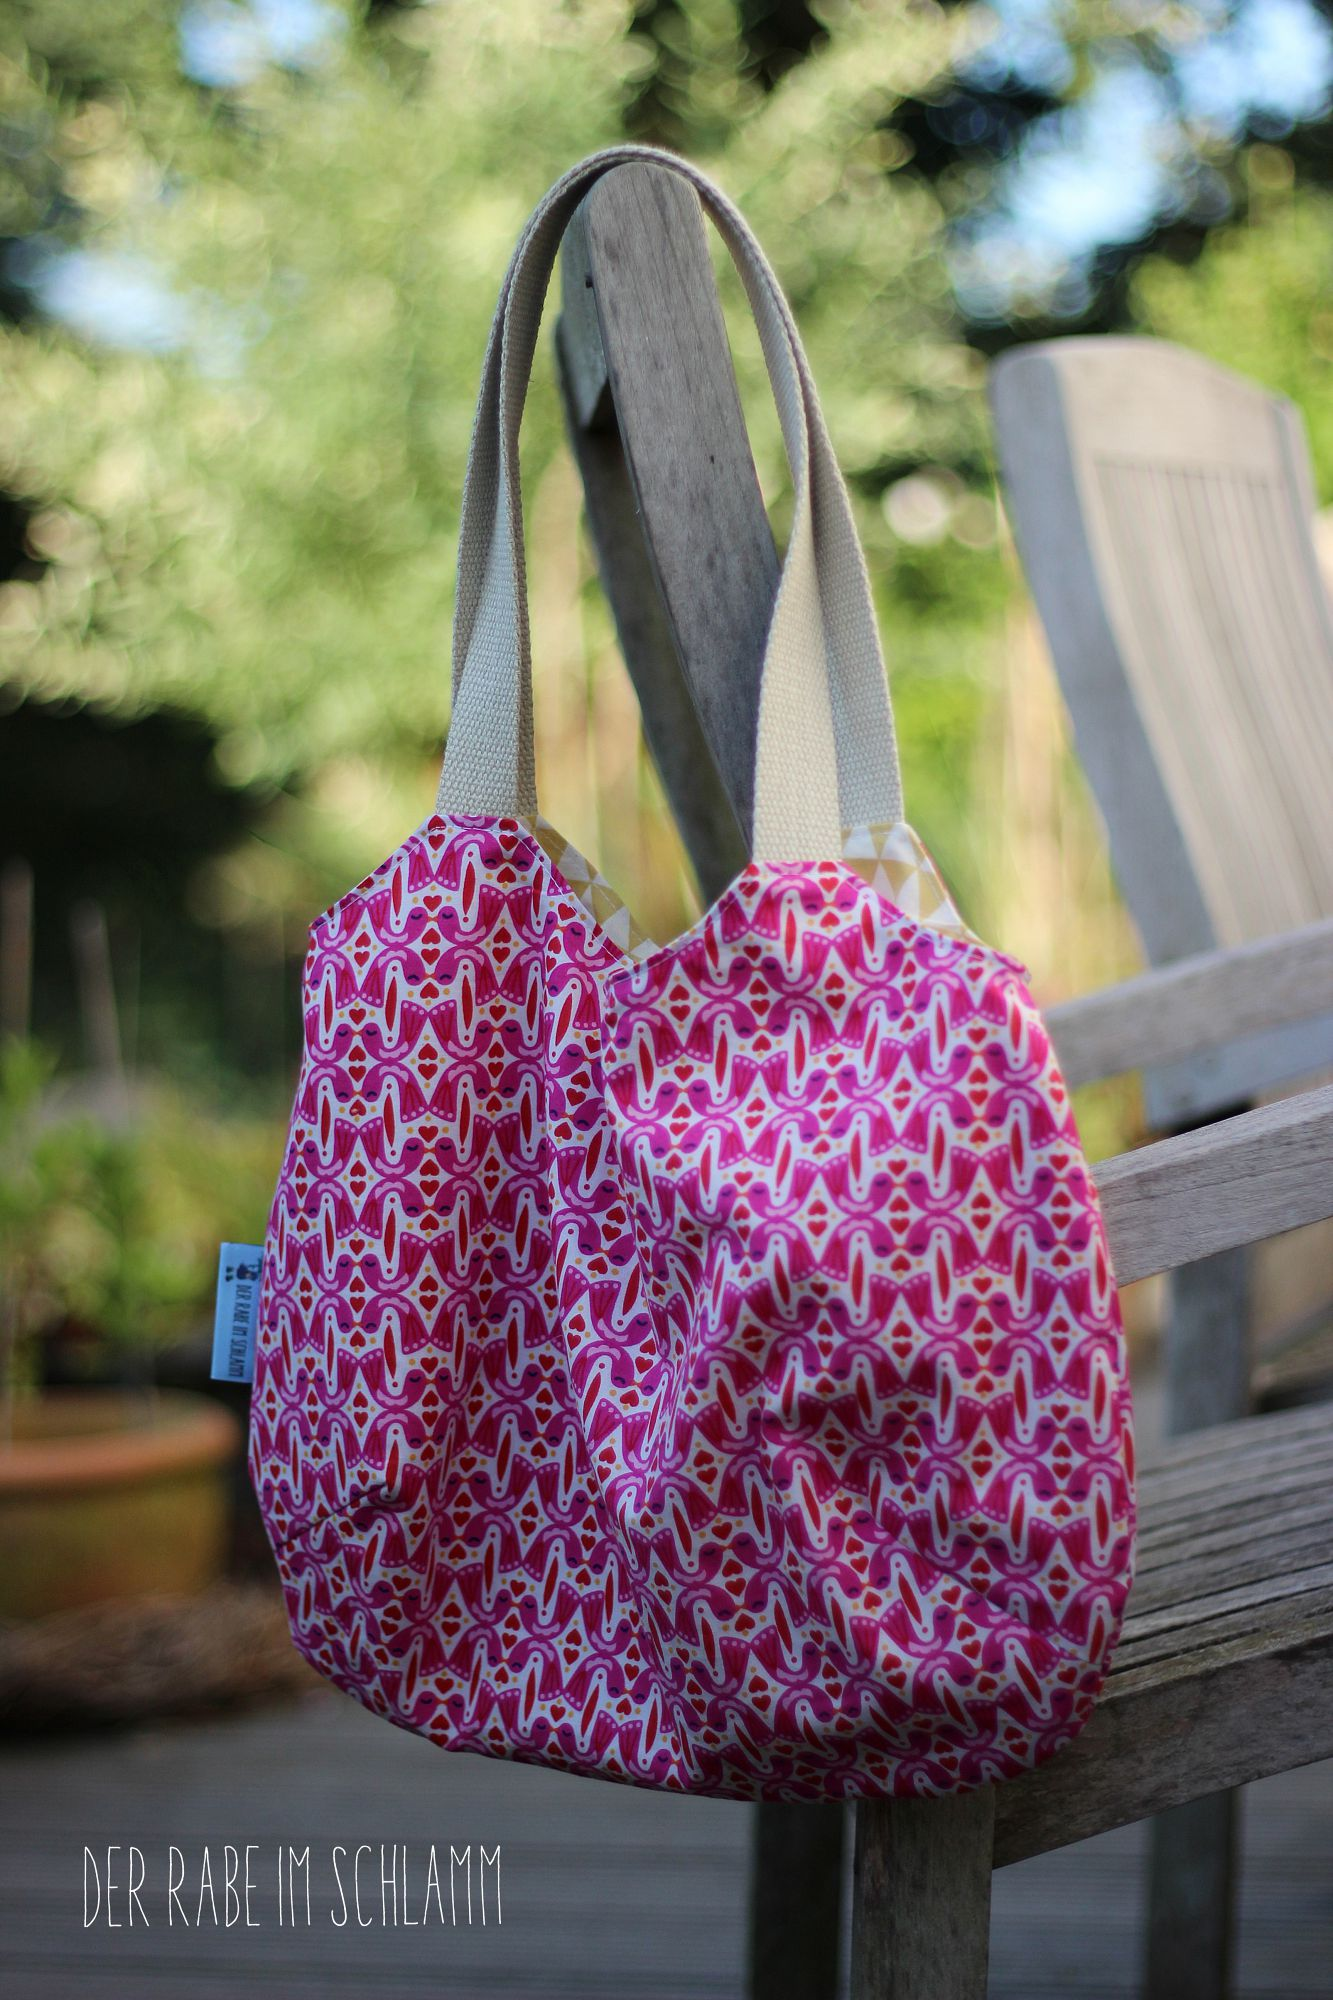 Der Rabe im Schlamm, Nähen, Taschen, Charlie Bag, Reversible Bag, Very Purple Person, Einkaufsbeutel